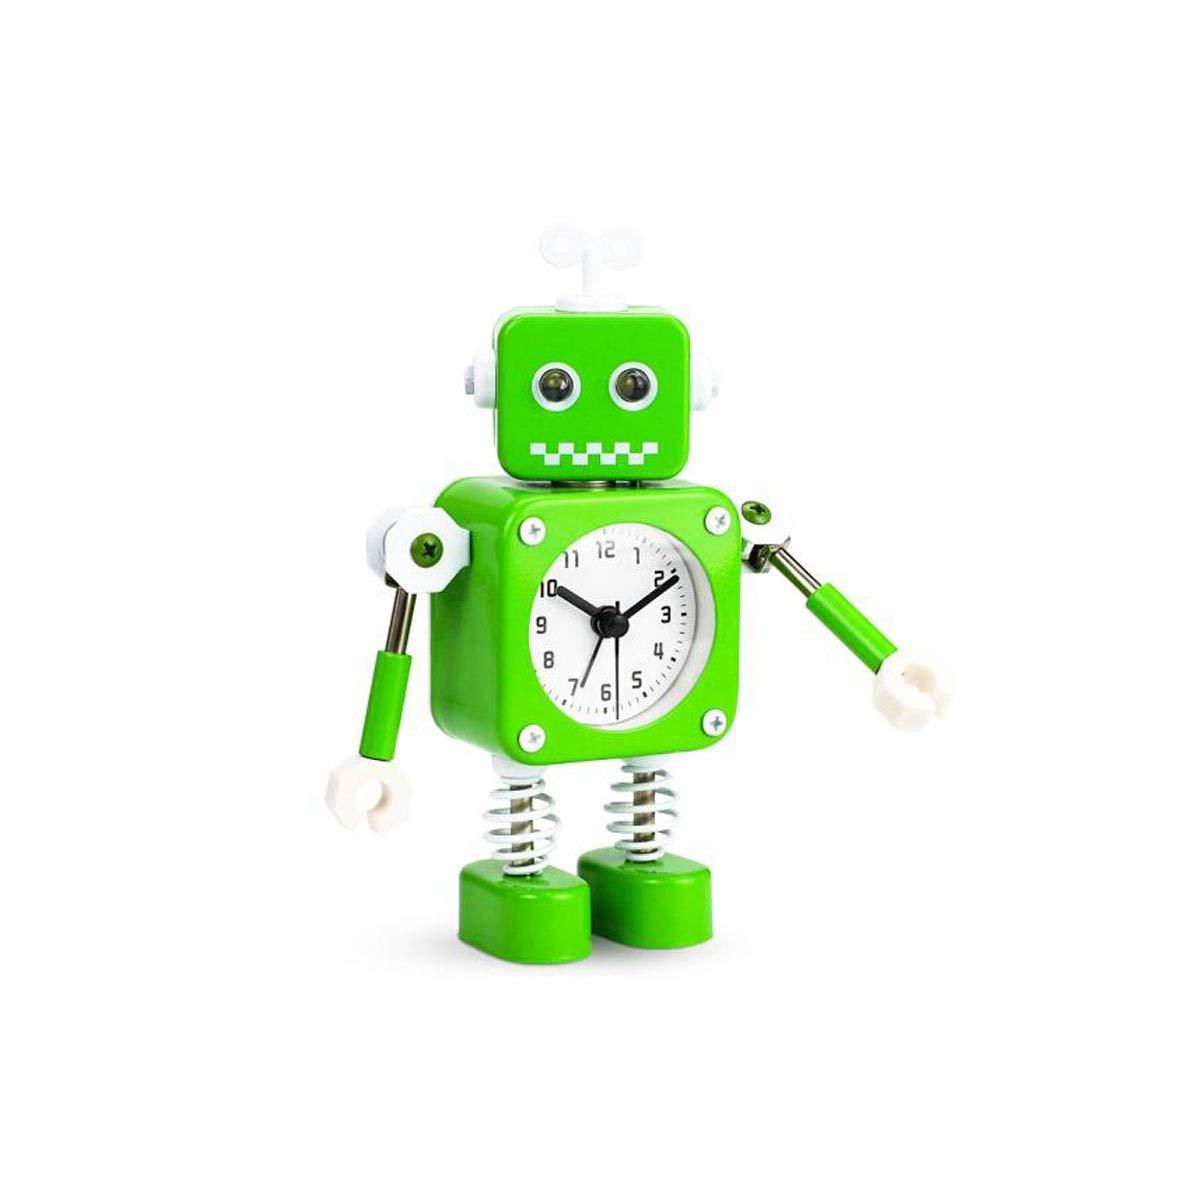 Chenjinxiang01 Reloj Despertador, Reloj electrónico Personalizado, Reloj de Alarma pequeño mecánico de Metal para Estudiantes, Robot Verde, Reloj de cabecera del Dormitorio (11.5 cm × 16.5 cm × 6 cm): Amazon.es: Hogar